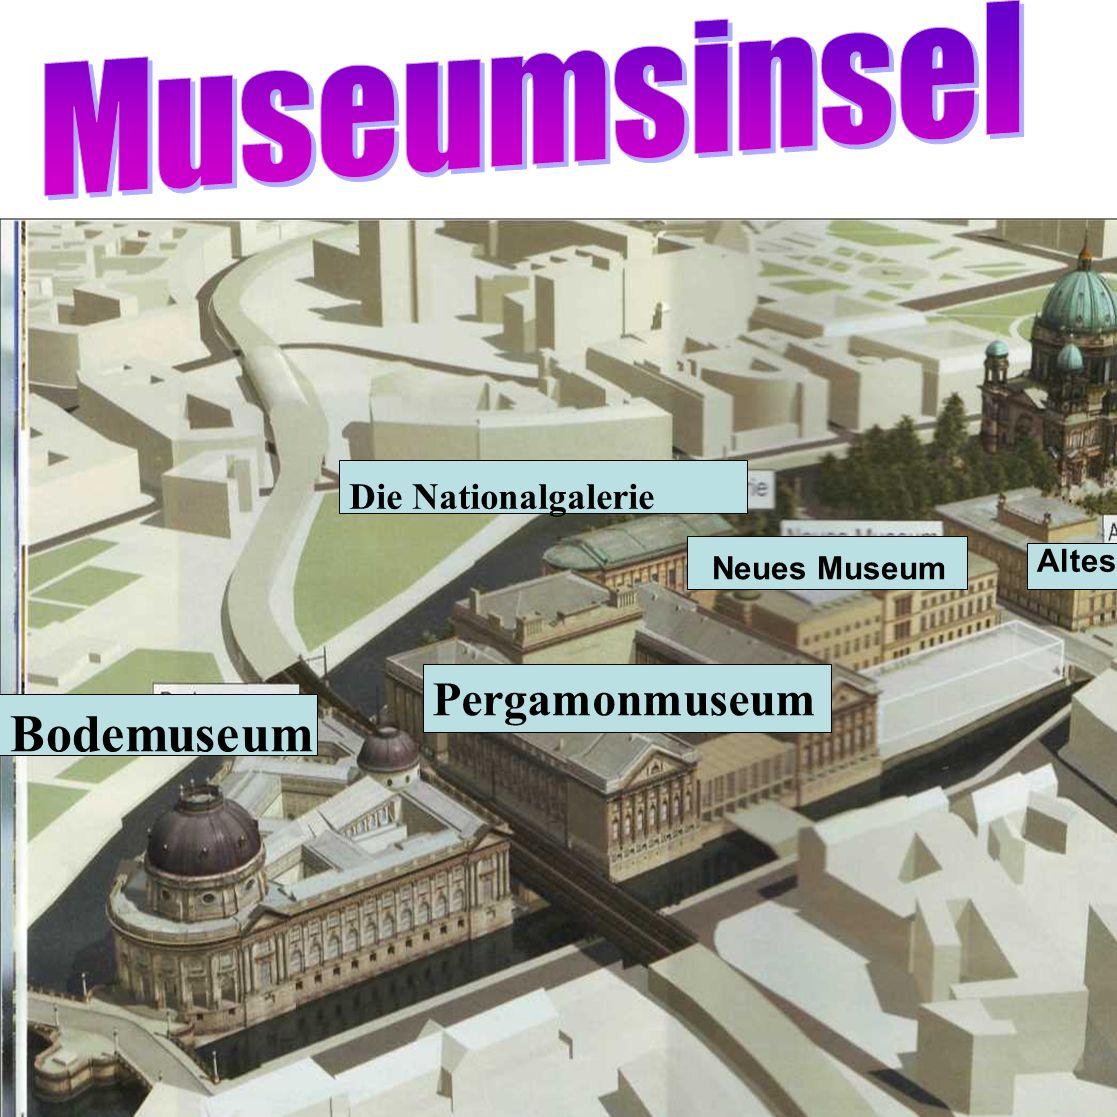 Bodemuseum Pergamonmuseum Altes Museum Die Nationalgalerie Neues Museum